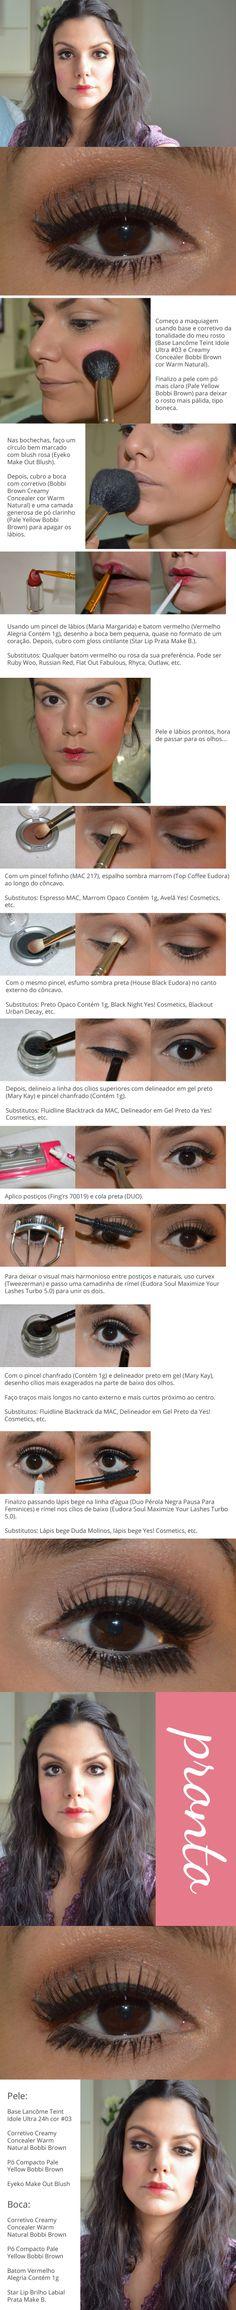 Tutorial: Boneca http://www.2beauty.com.br/blog/2014/02/20/tutorial-boneca/ #makeup #maquiagem #carnaval #tutorial